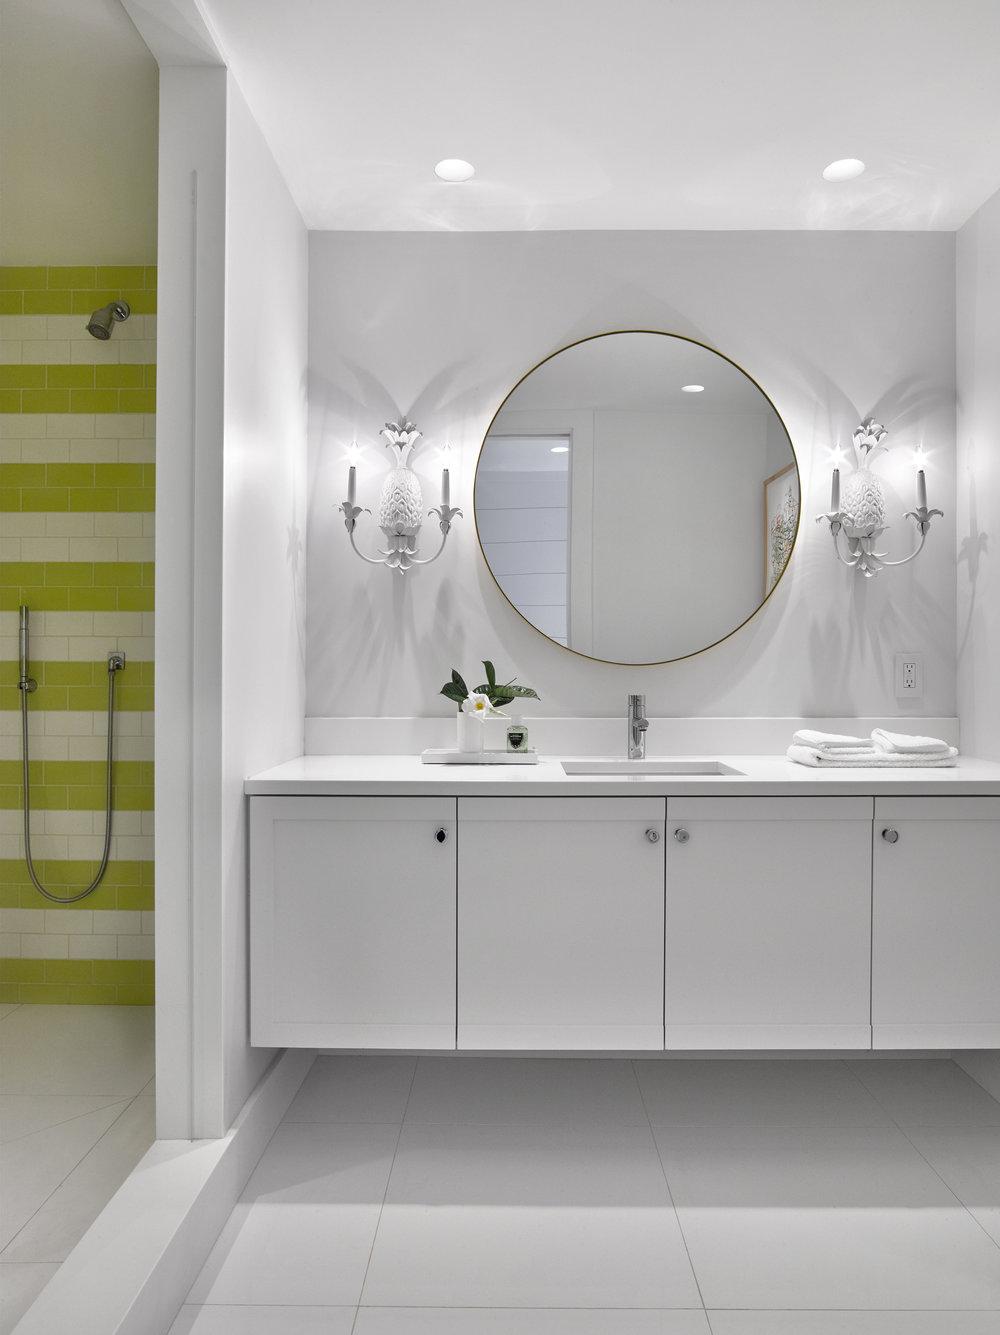 © ghislaine vinas interior design_montauk_pineapple3.jpg